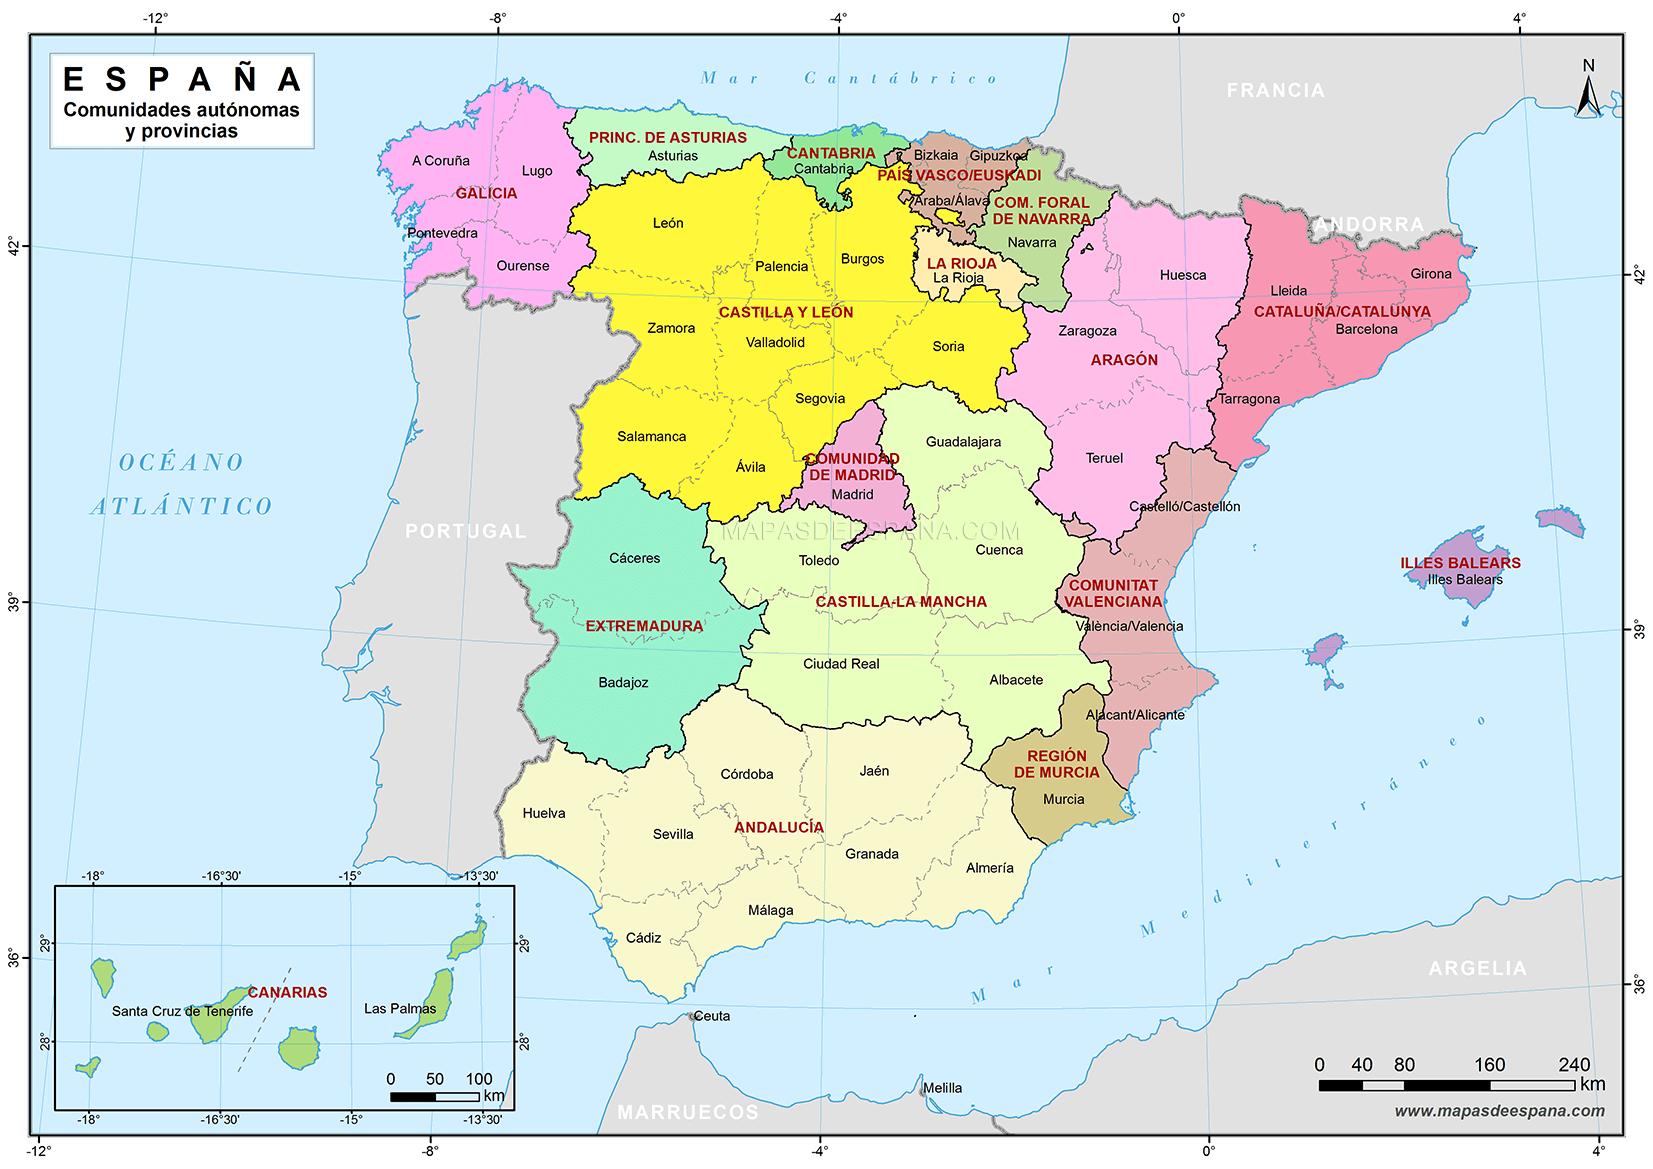 Mapa Flash Provincias Espana.Mapa Comunidades Y Provincias De Espana En 2020 Mapa De Espana Mapas Espana